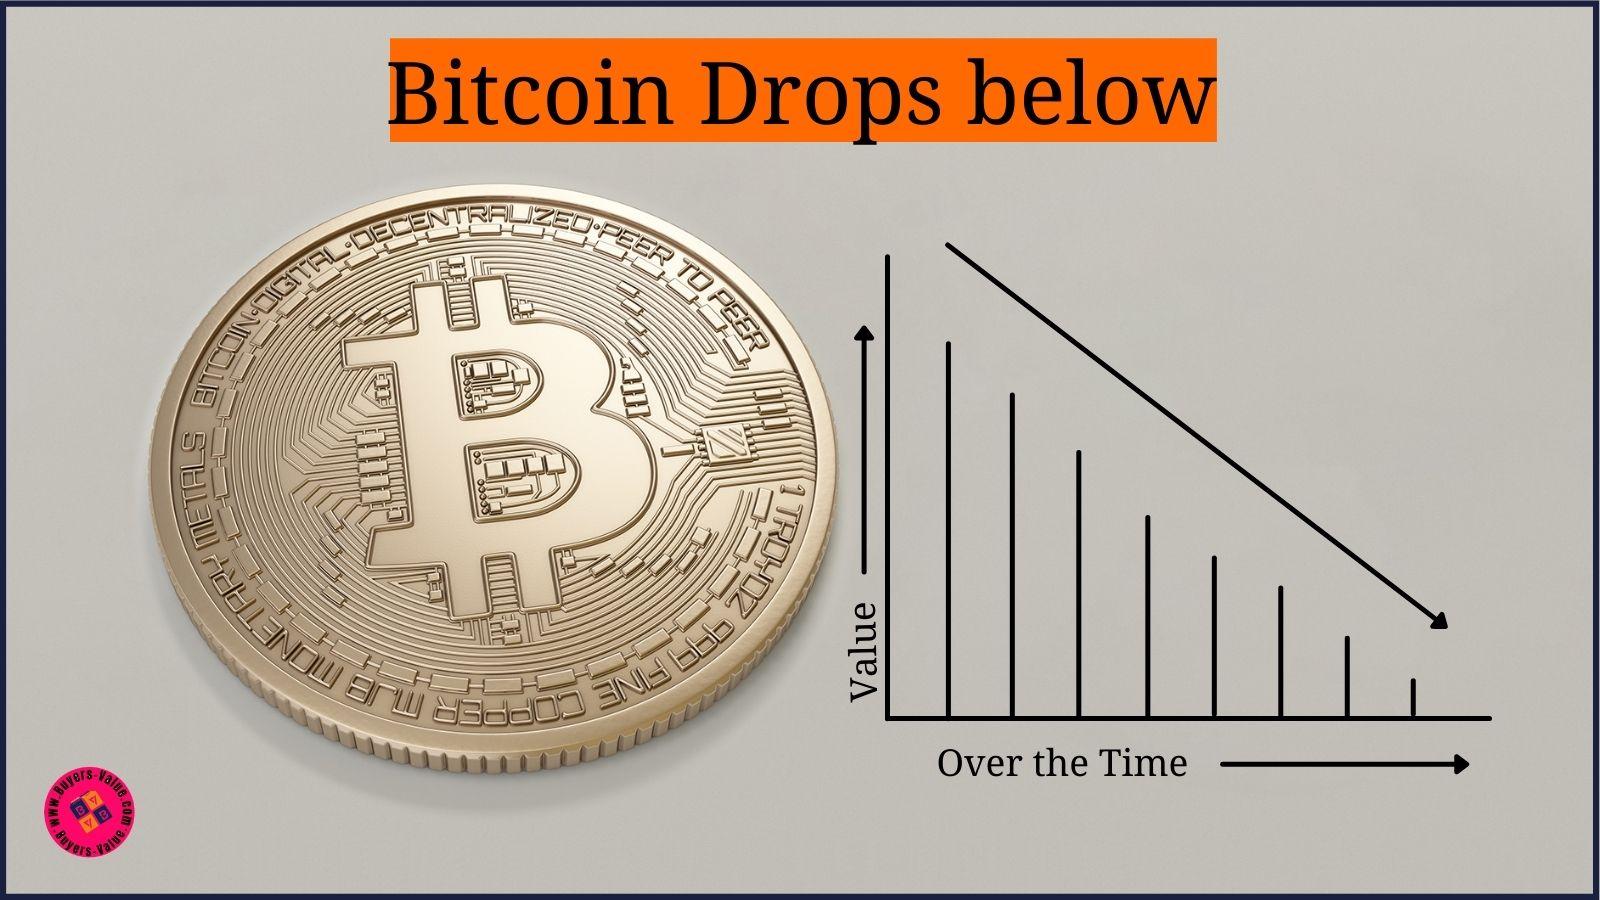 Bitcoin Drops below